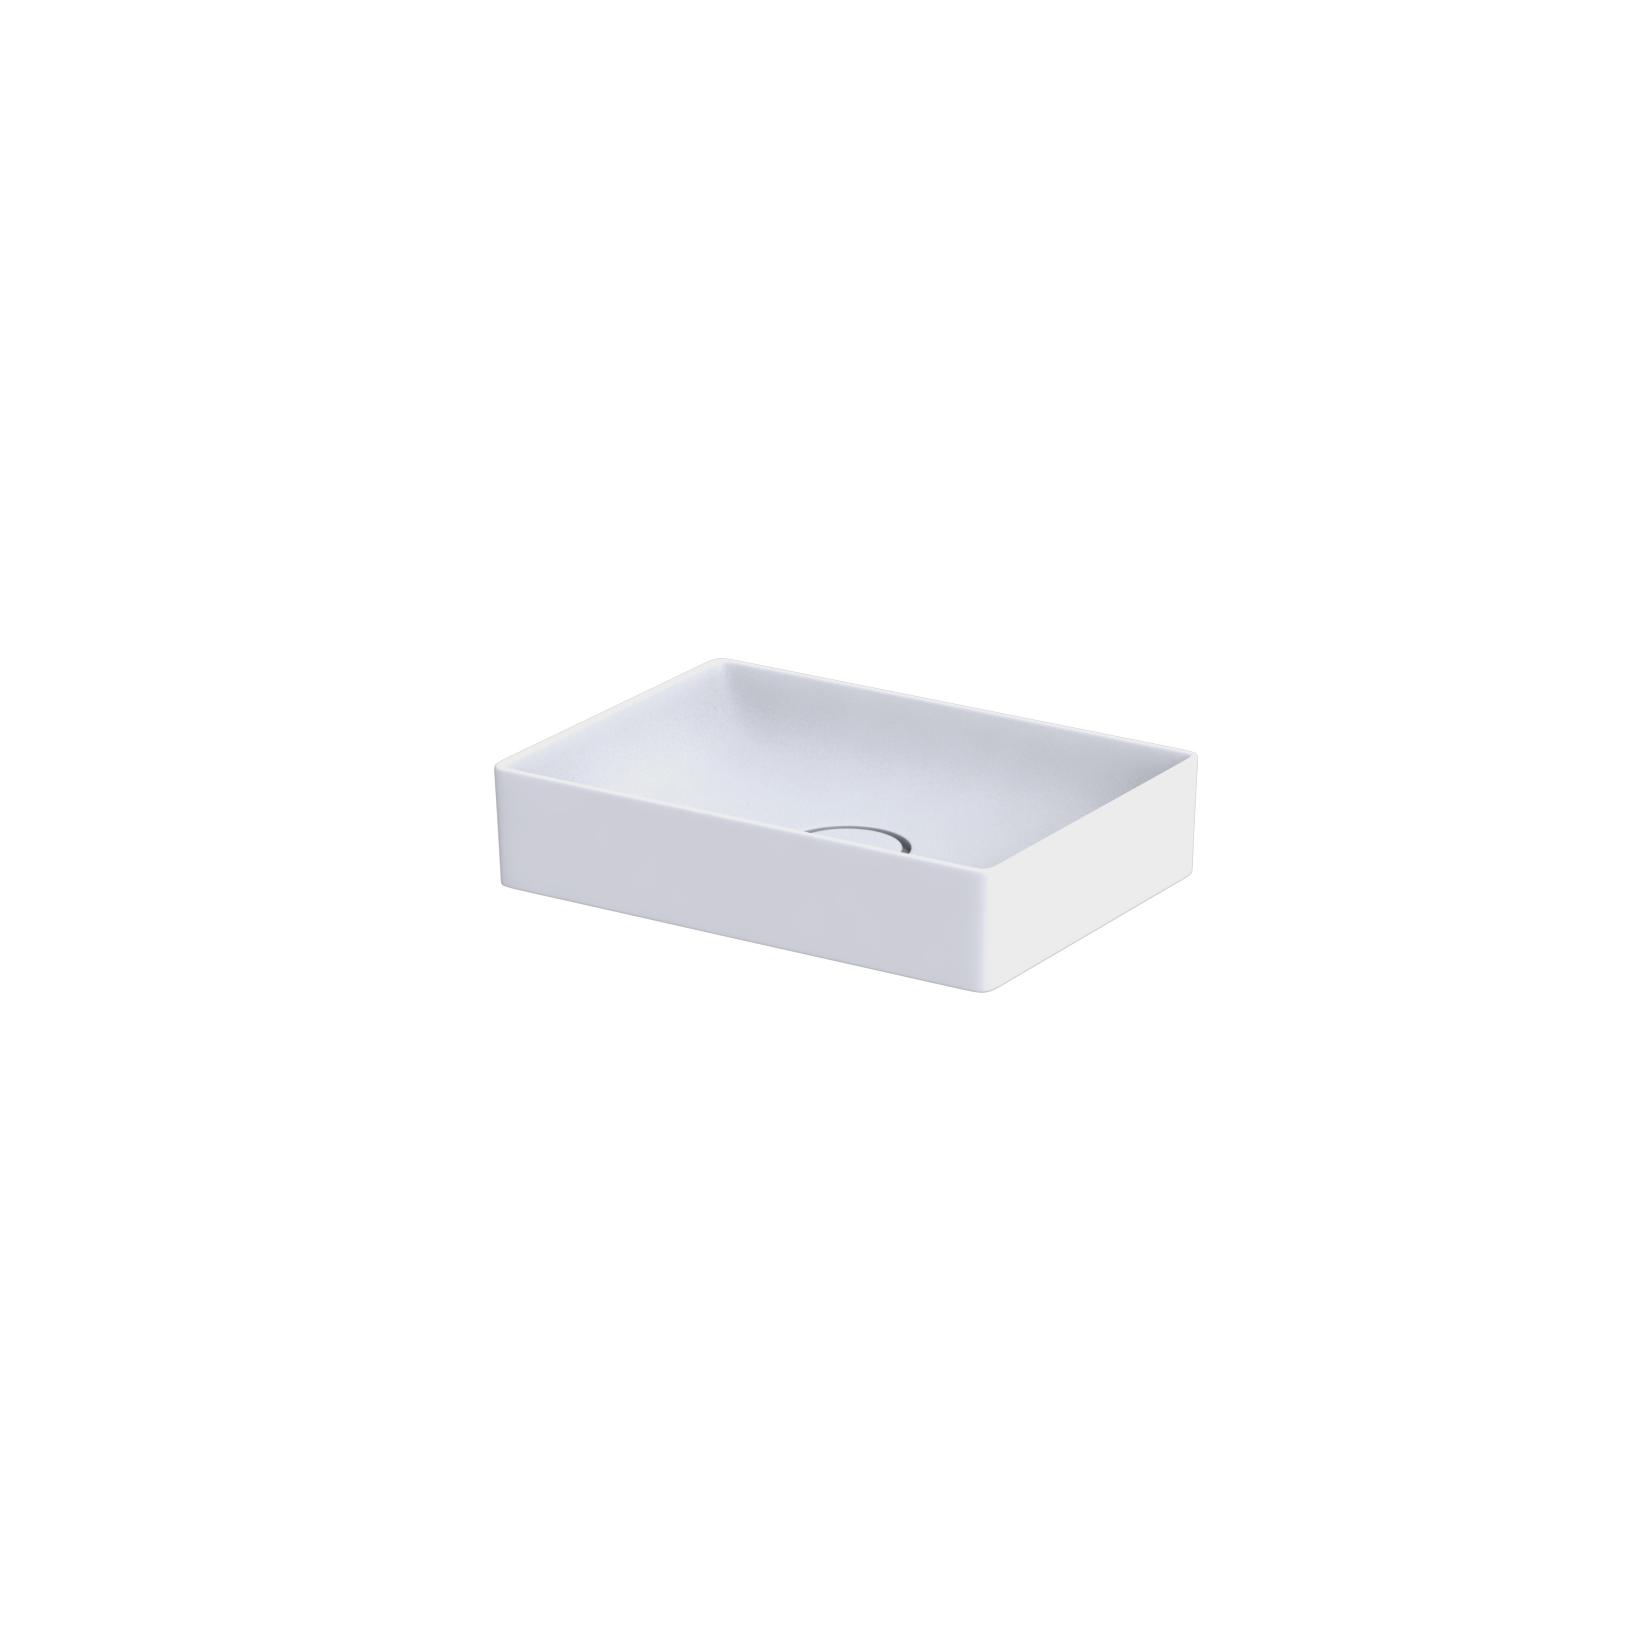 Umywalka nablatowa Oristo Floppy ceramiczna biała 50 cm UBL-FL-50-91